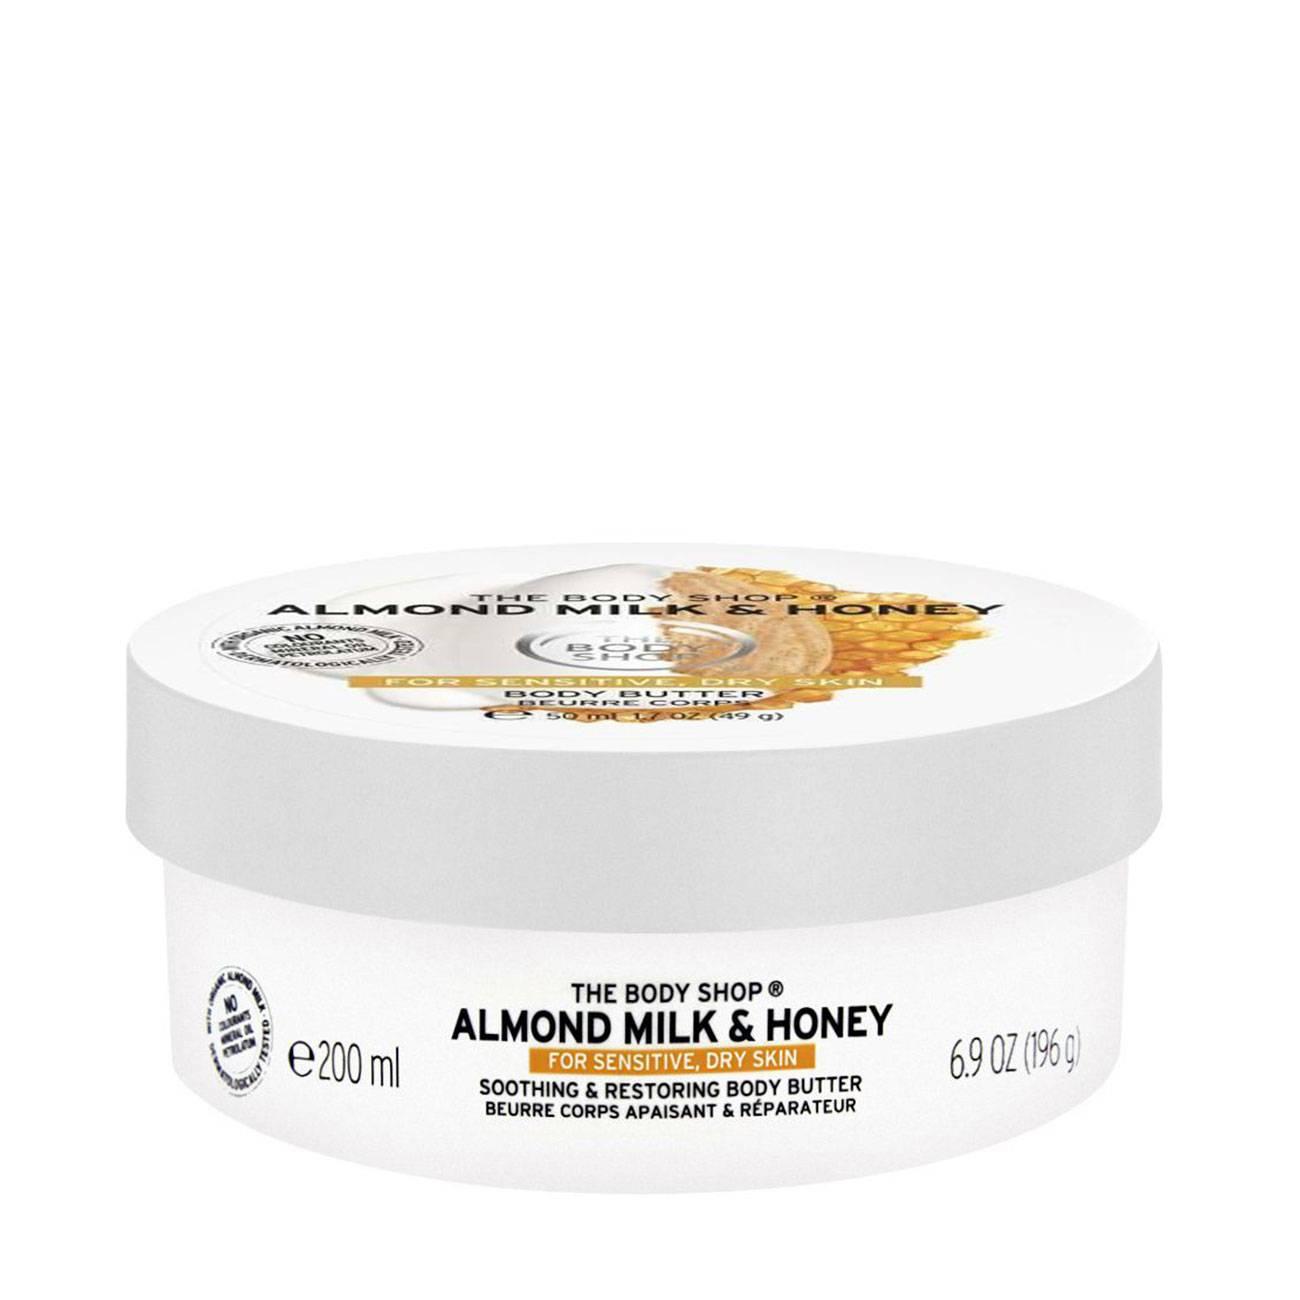 Almond Milk & Honey Body Butter 200ml imagine